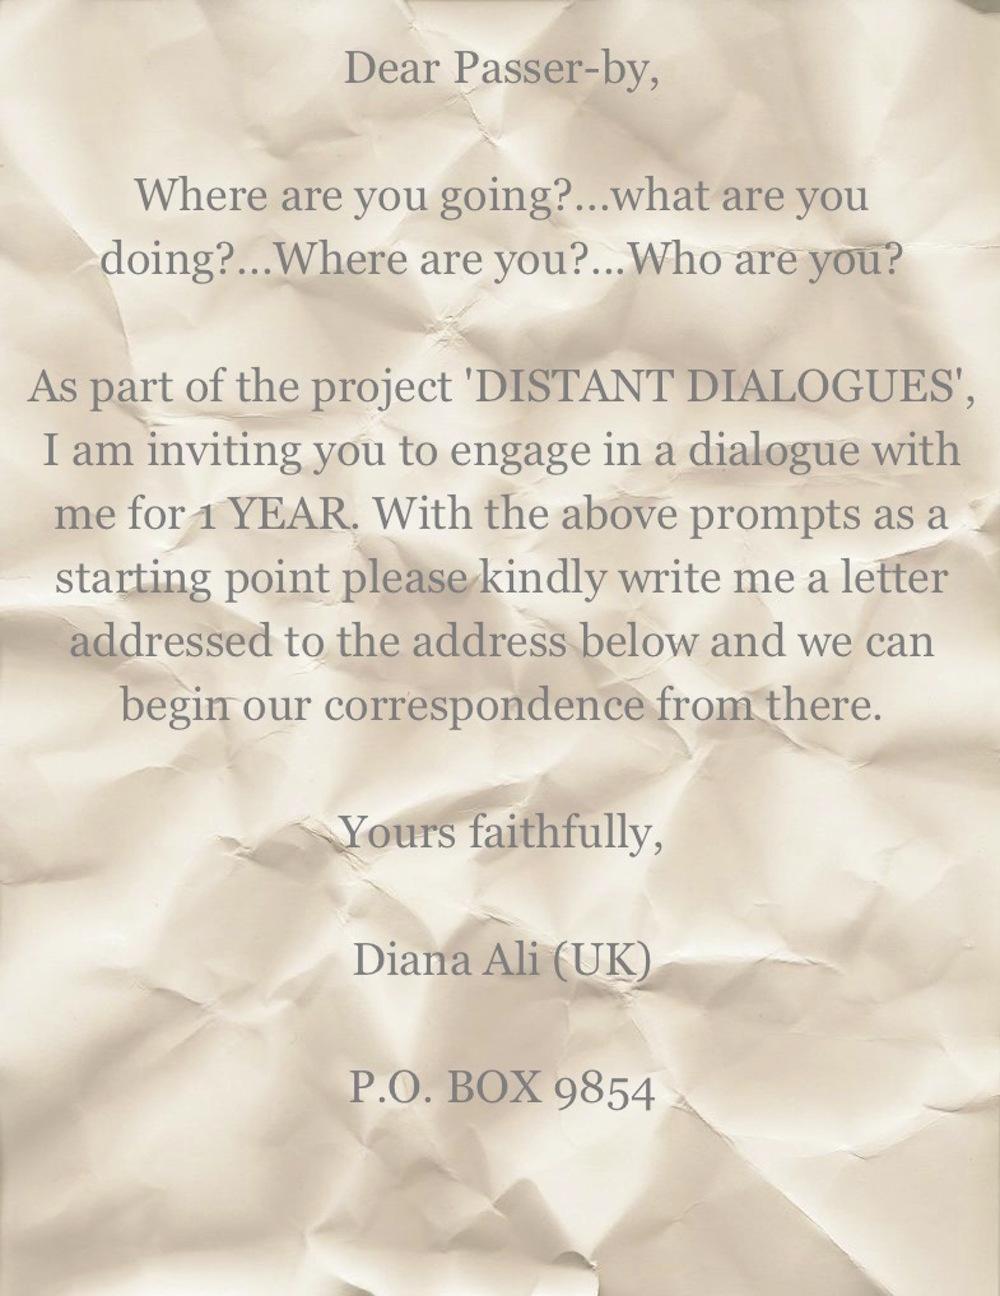 Dear_Passerby